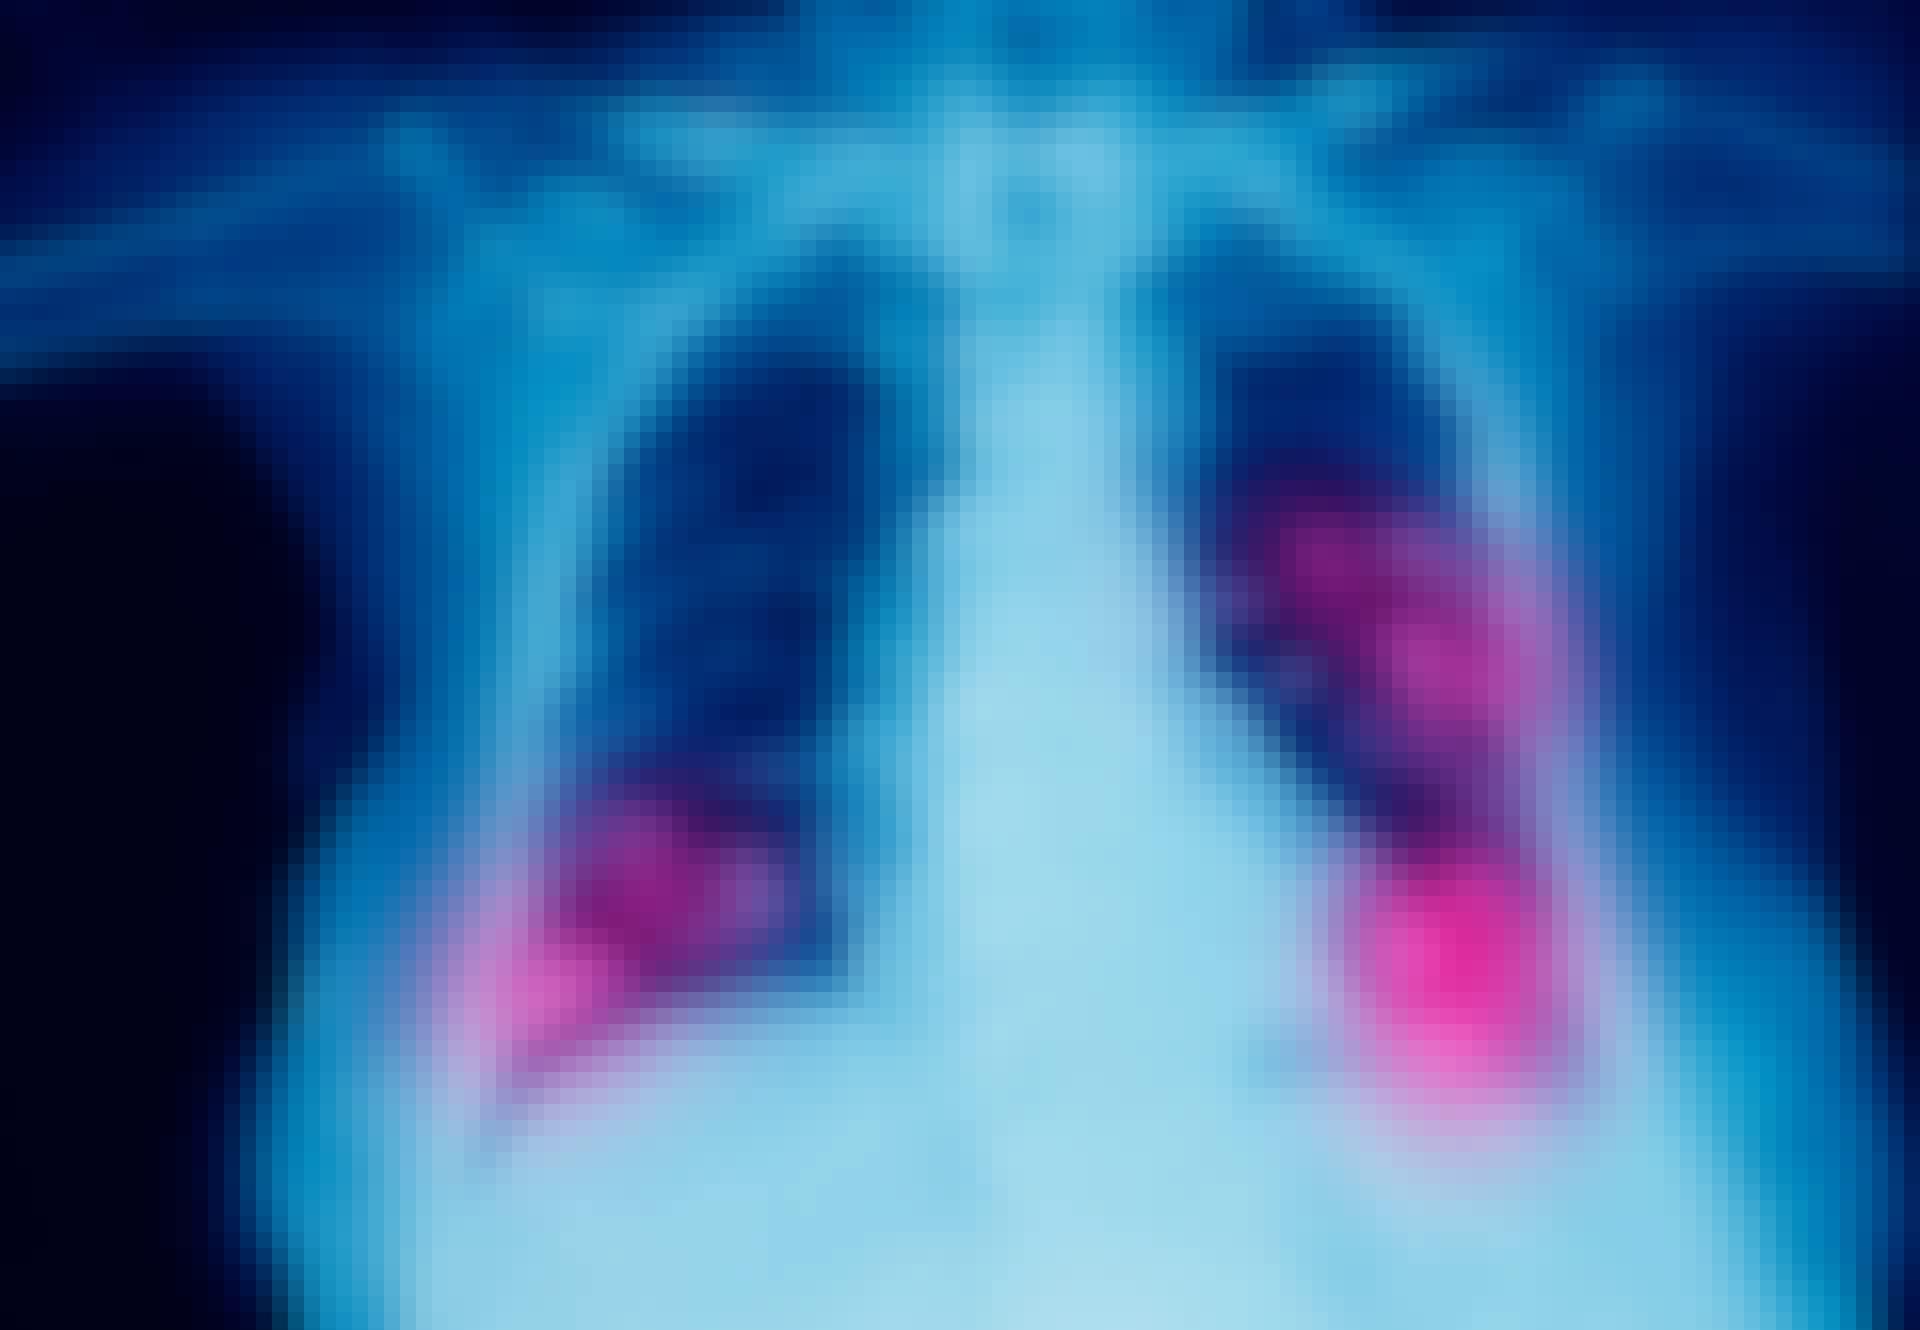 Røntgenbillede - radon kan gøre syg